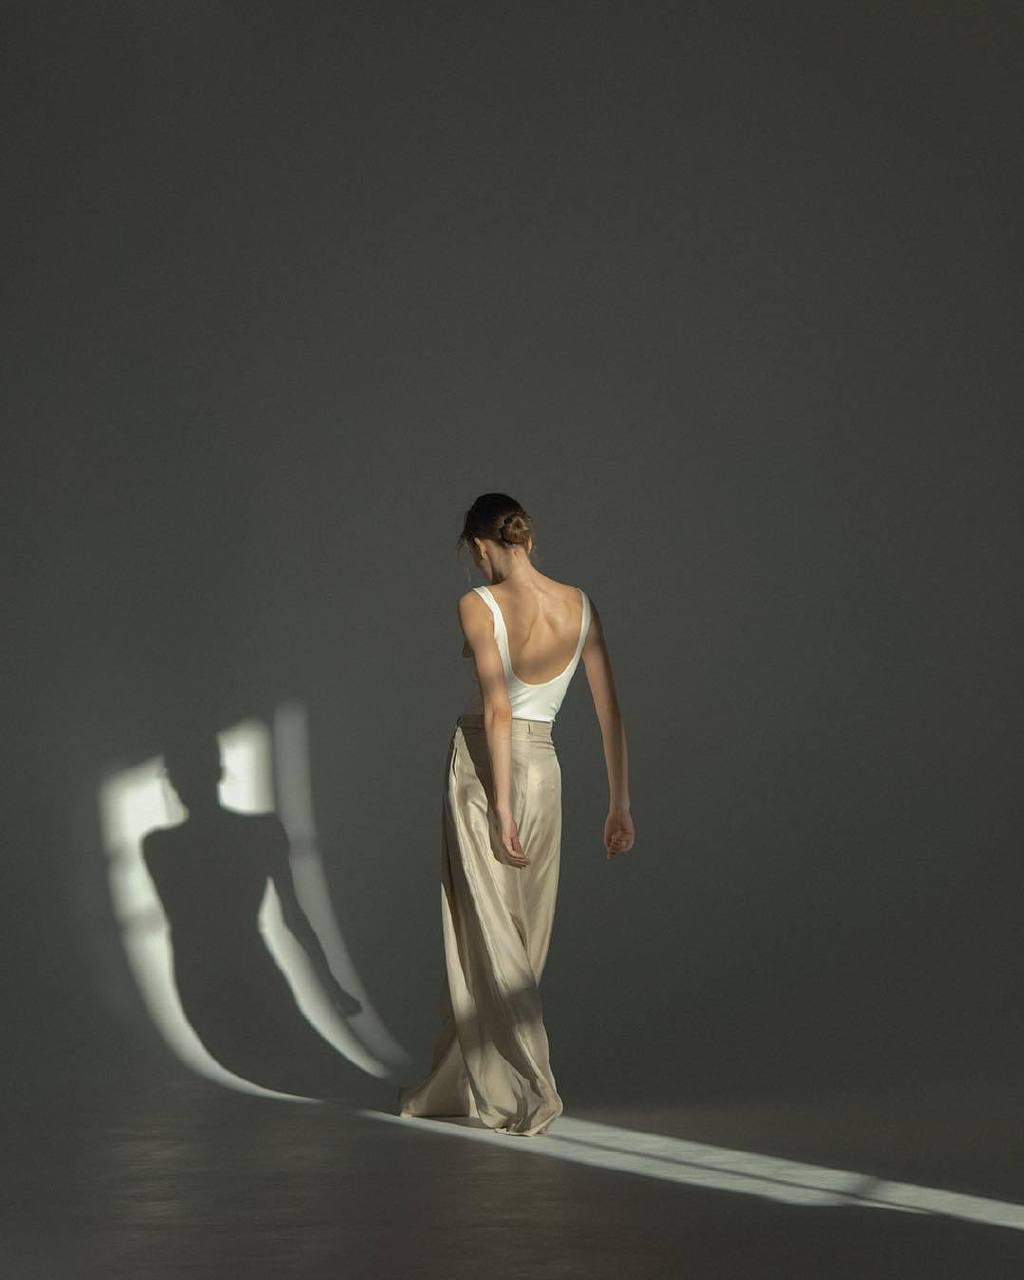 俄罗斯摄影师Anastasia Lisitsyna的人像摄影作品 审美灵感 第6张